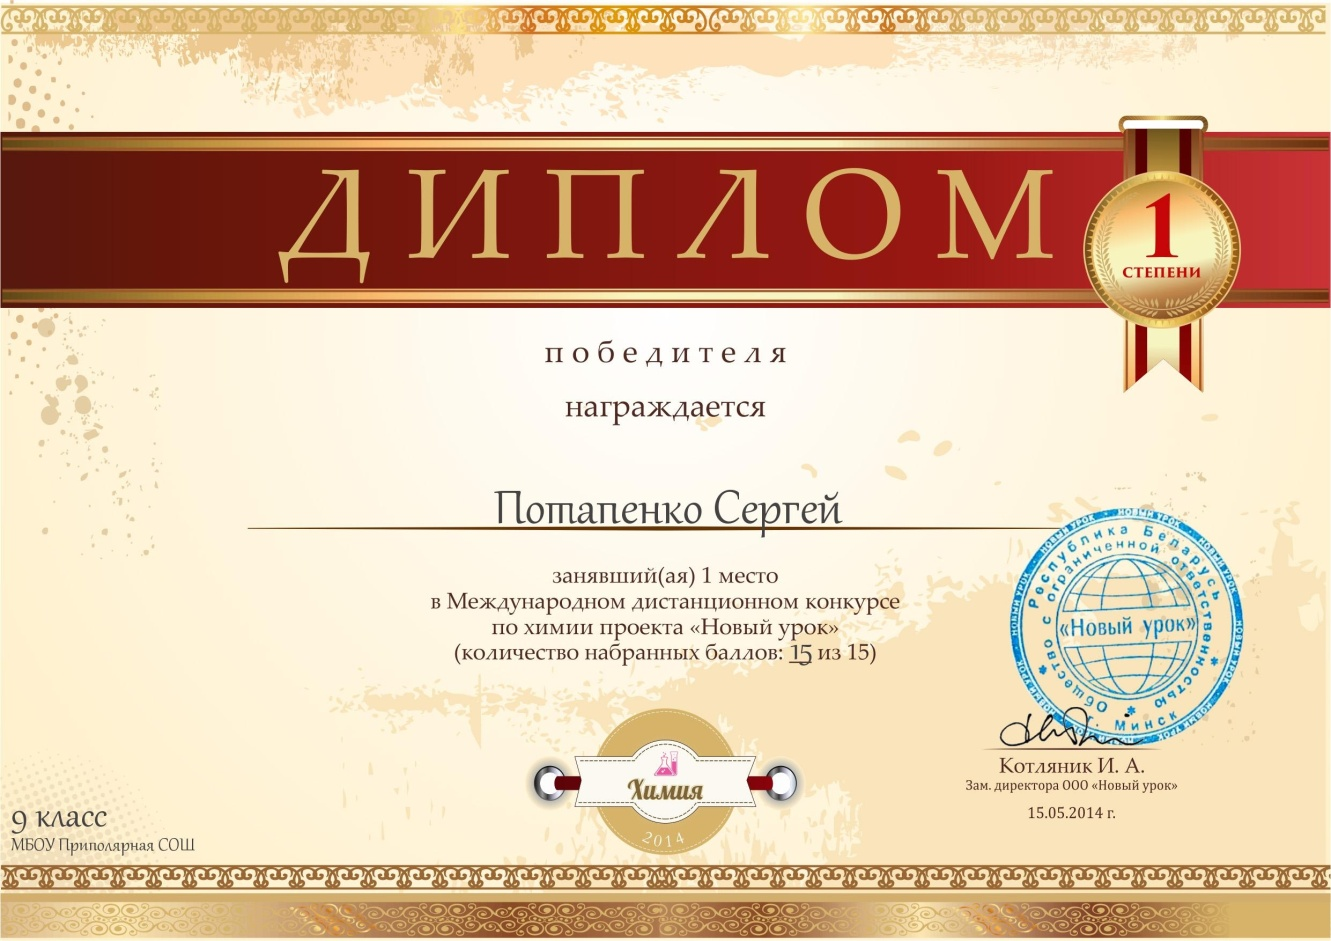 F:\документы ОНочевчук\4.2 победители\1 диплом 1 степени химия.JPG